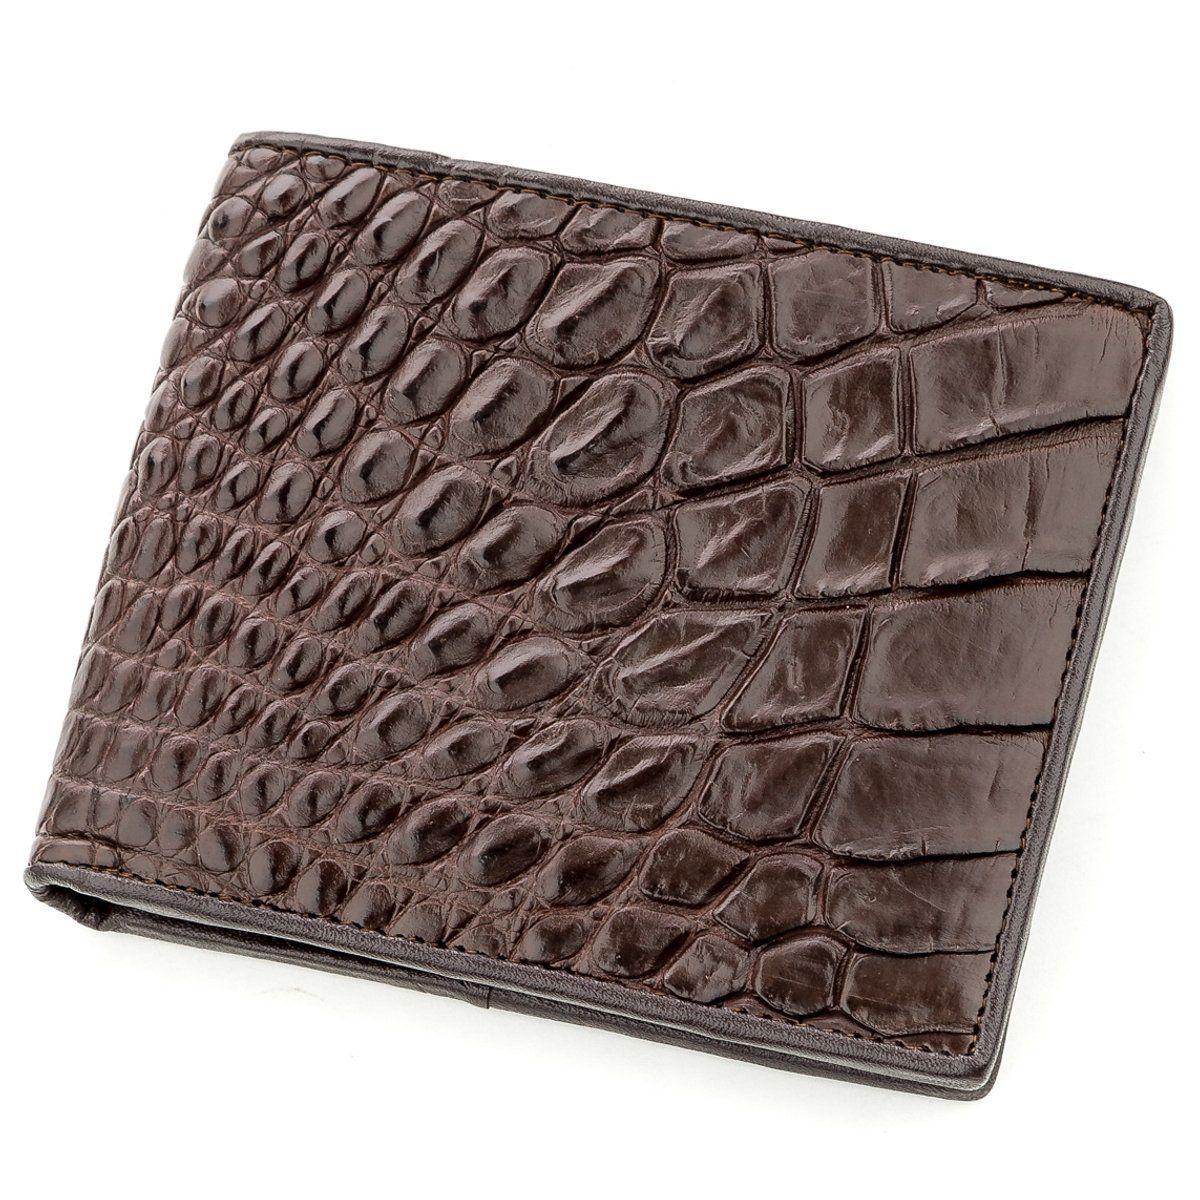 Бумажник Мужской Crocodile Leather 18577 Из Натуральной Кожи Крокодила Коричневый, Коричневый